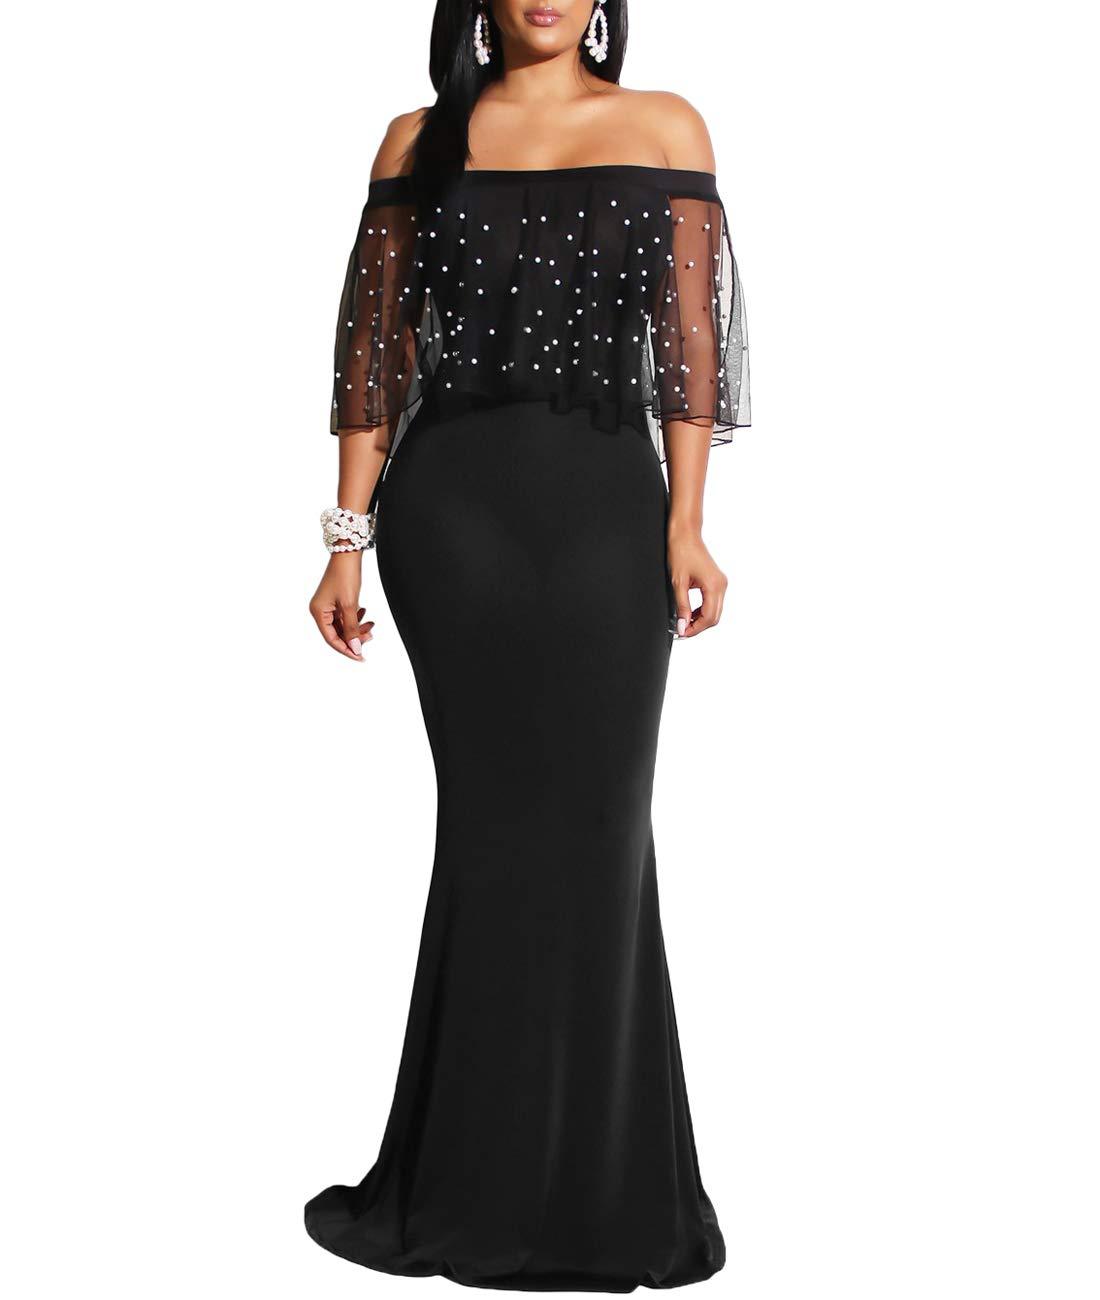 1ba9e41d3db Home Brands Lalagen Dresses Lalagen Women Plus Size Off Shoulder Mermaid Party  Dress Formal Evening Gown Black L.   